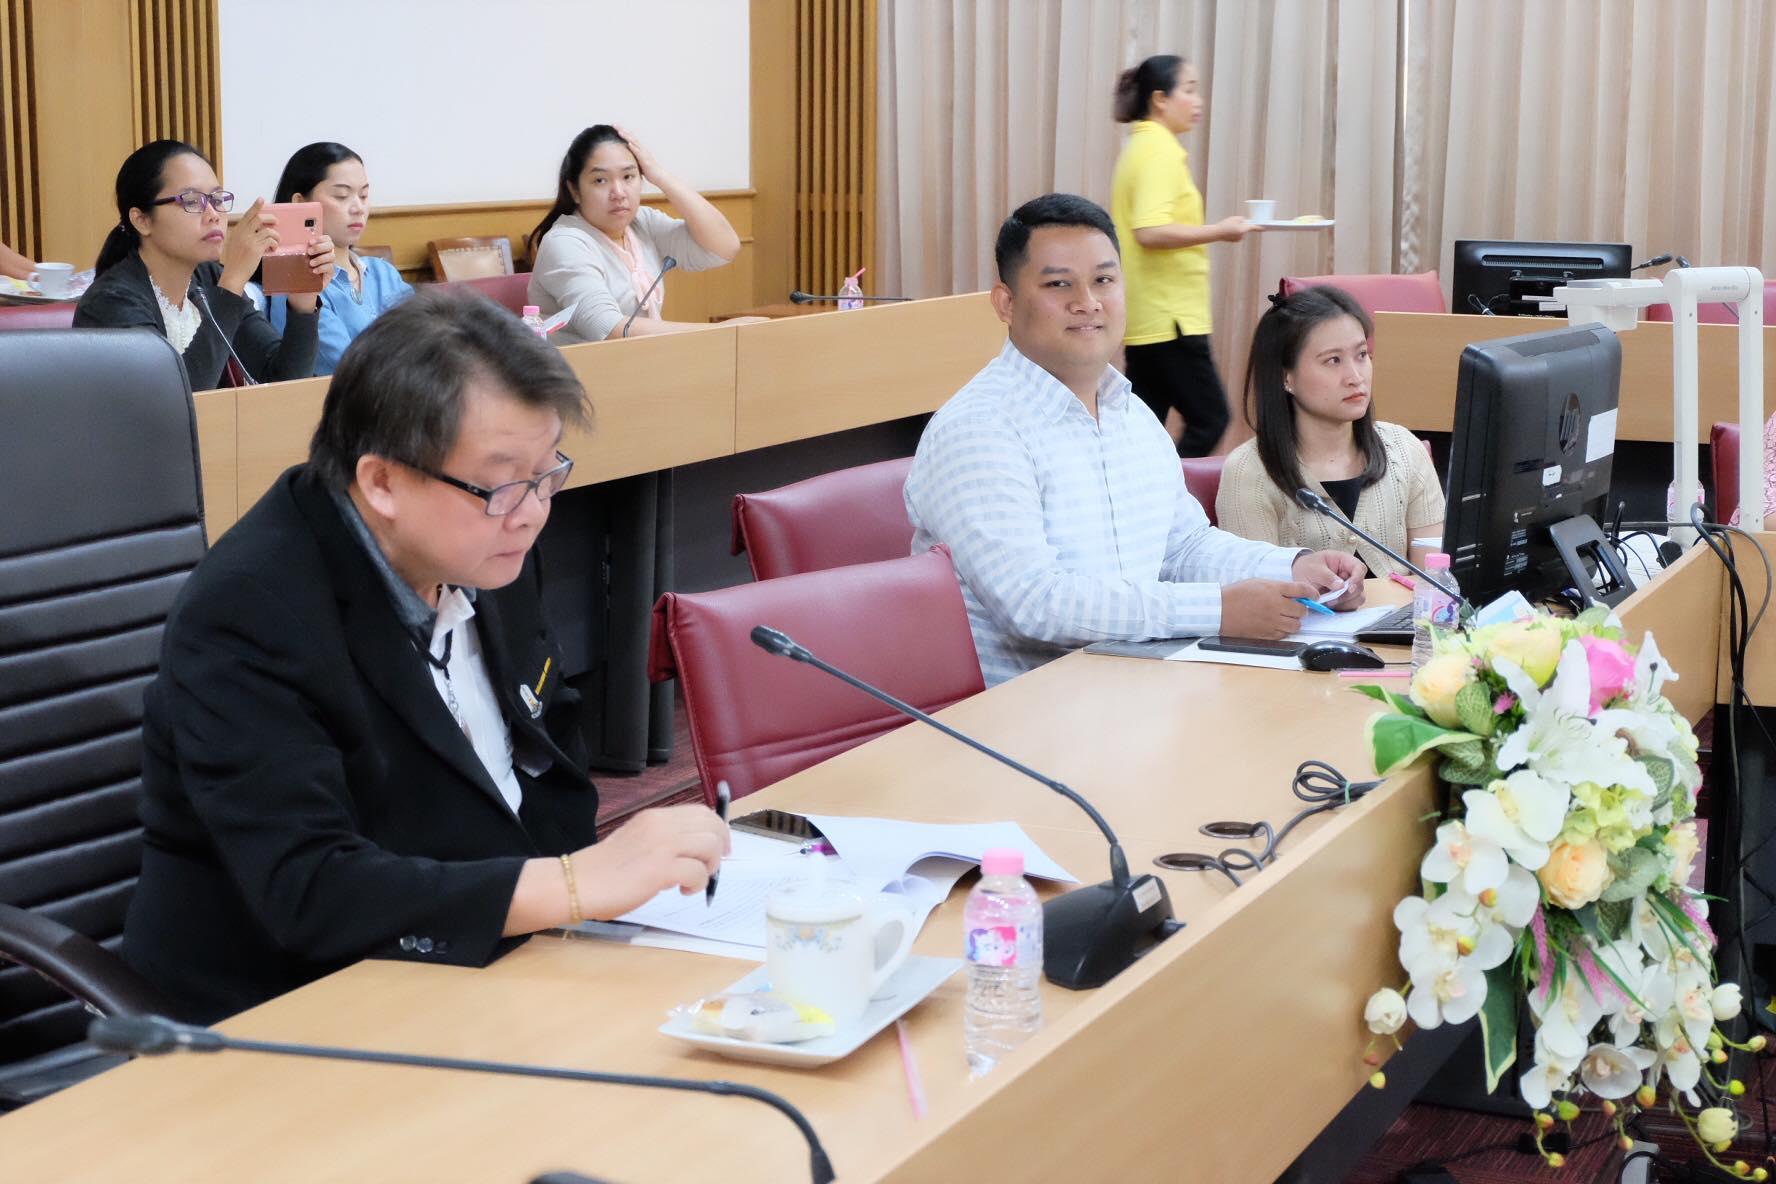 การรับนโยบาย และแนวทางการดำเนินงาน ศูนย์ส่งเสริม สนับสนุน บัณฑิตได้งานทำ ประจำปีการศึกษา 2563